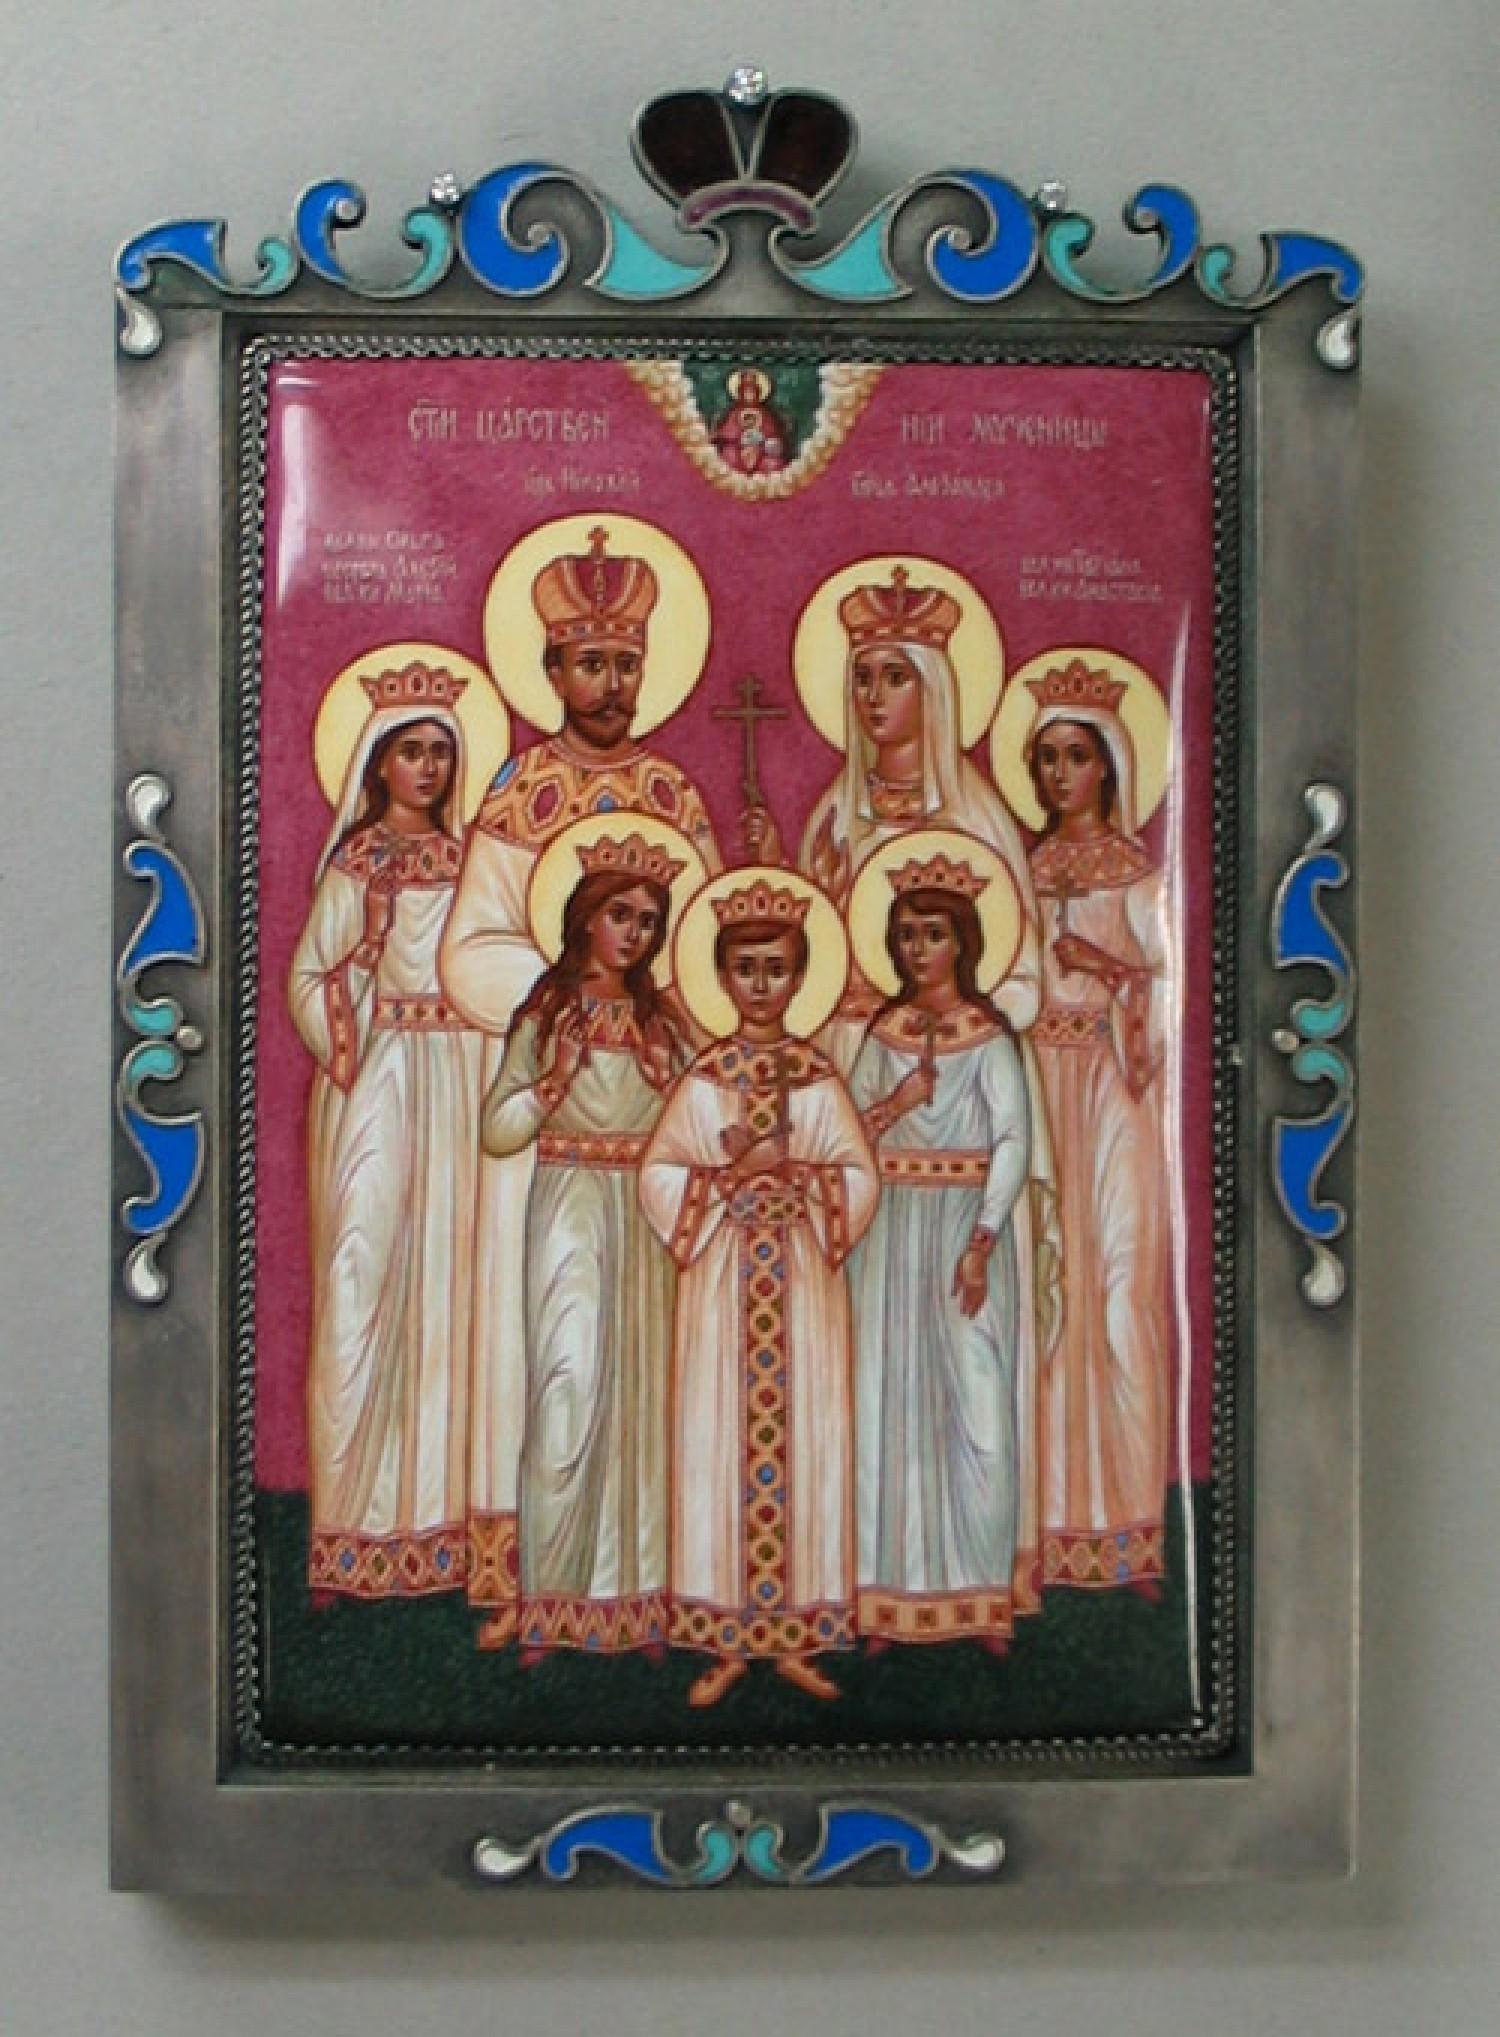 Е.В.Ананова. Св. Царственные мученики. 2002 г. 21 см. Художник-Смирнова Е.В.